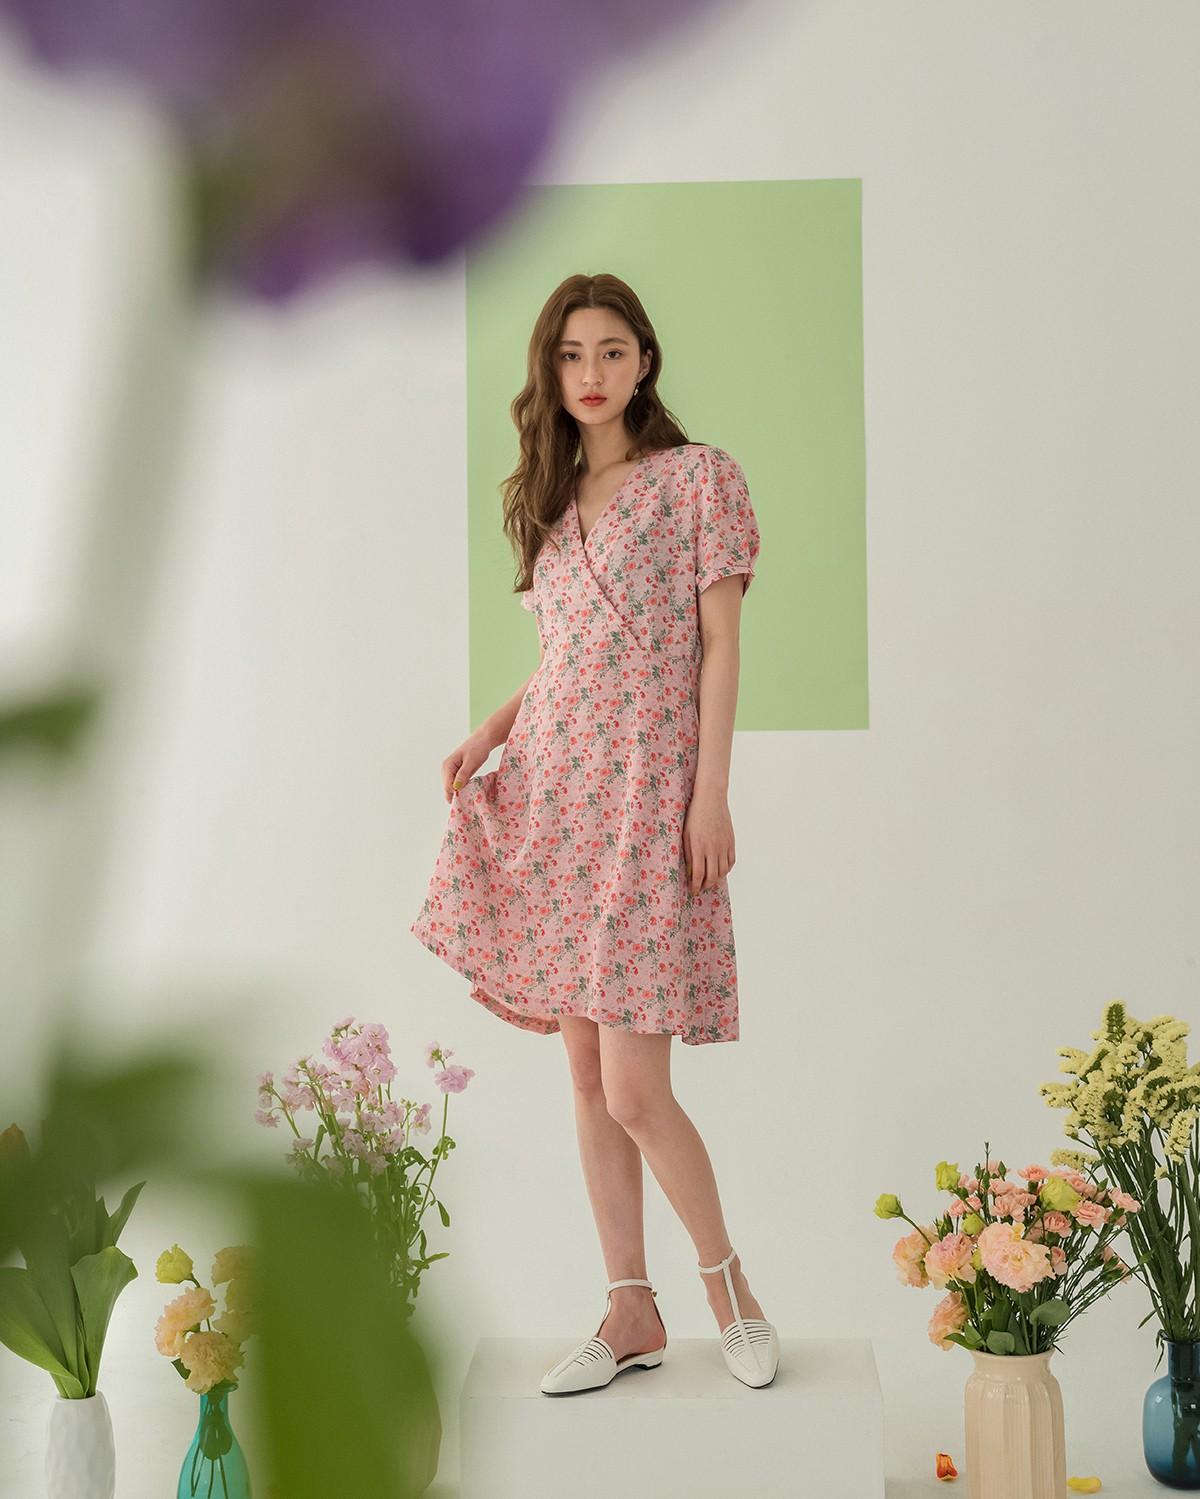 Váy hoa - item phủ sóng dày đặc mỗi mùa hè và 3 kiểu xinh đến nỗi bạn muốn rinh về hết cho tủ đồ-1